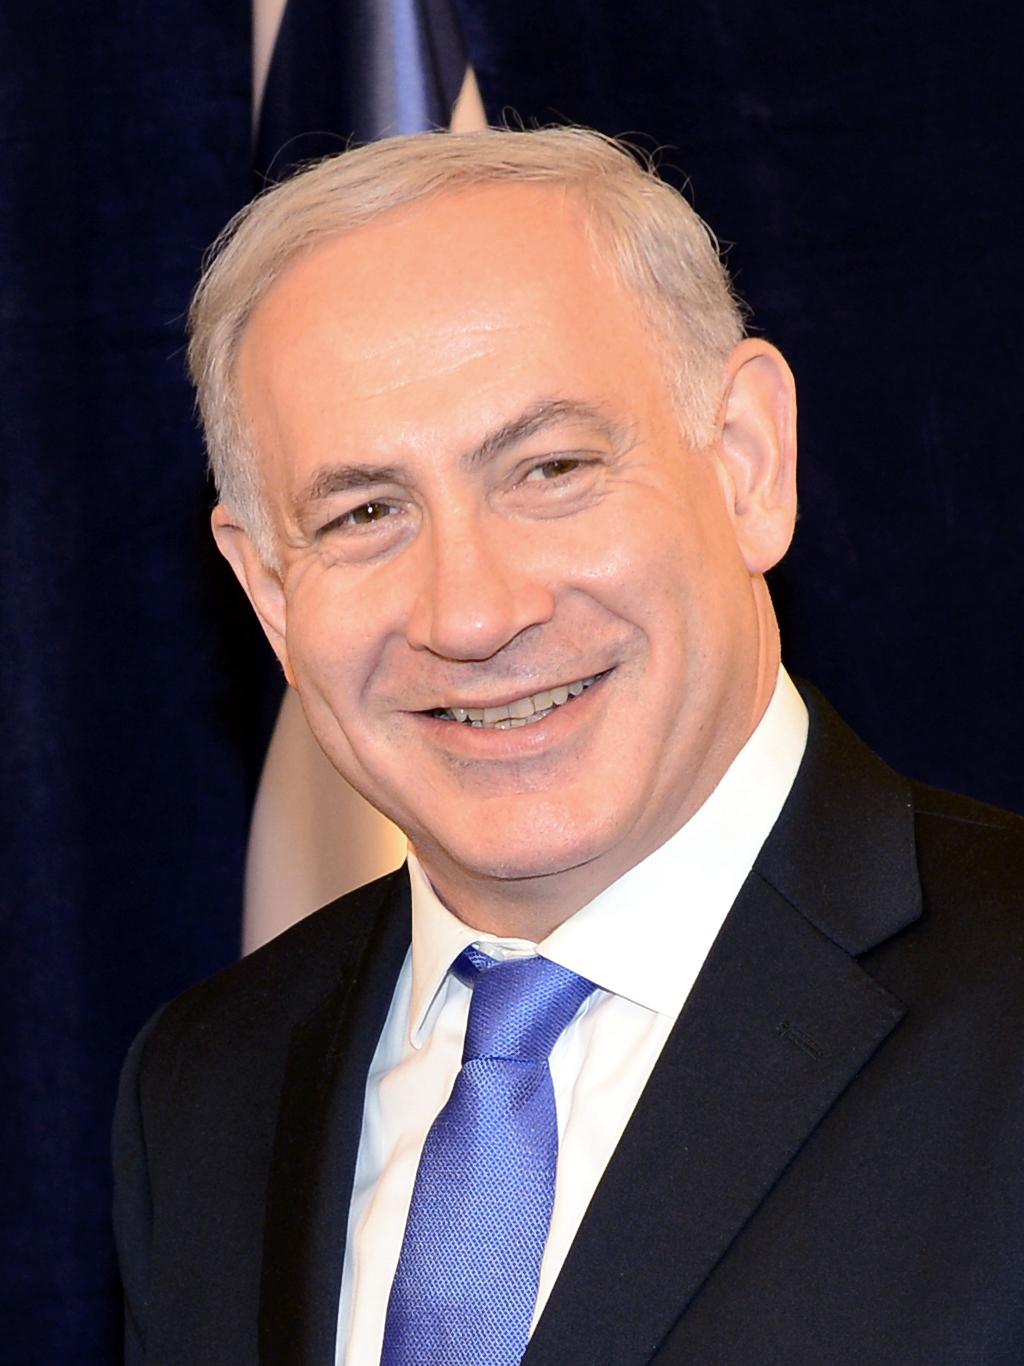 Veja o que saiu no Migalhas sobre Benjamin Netanyahu